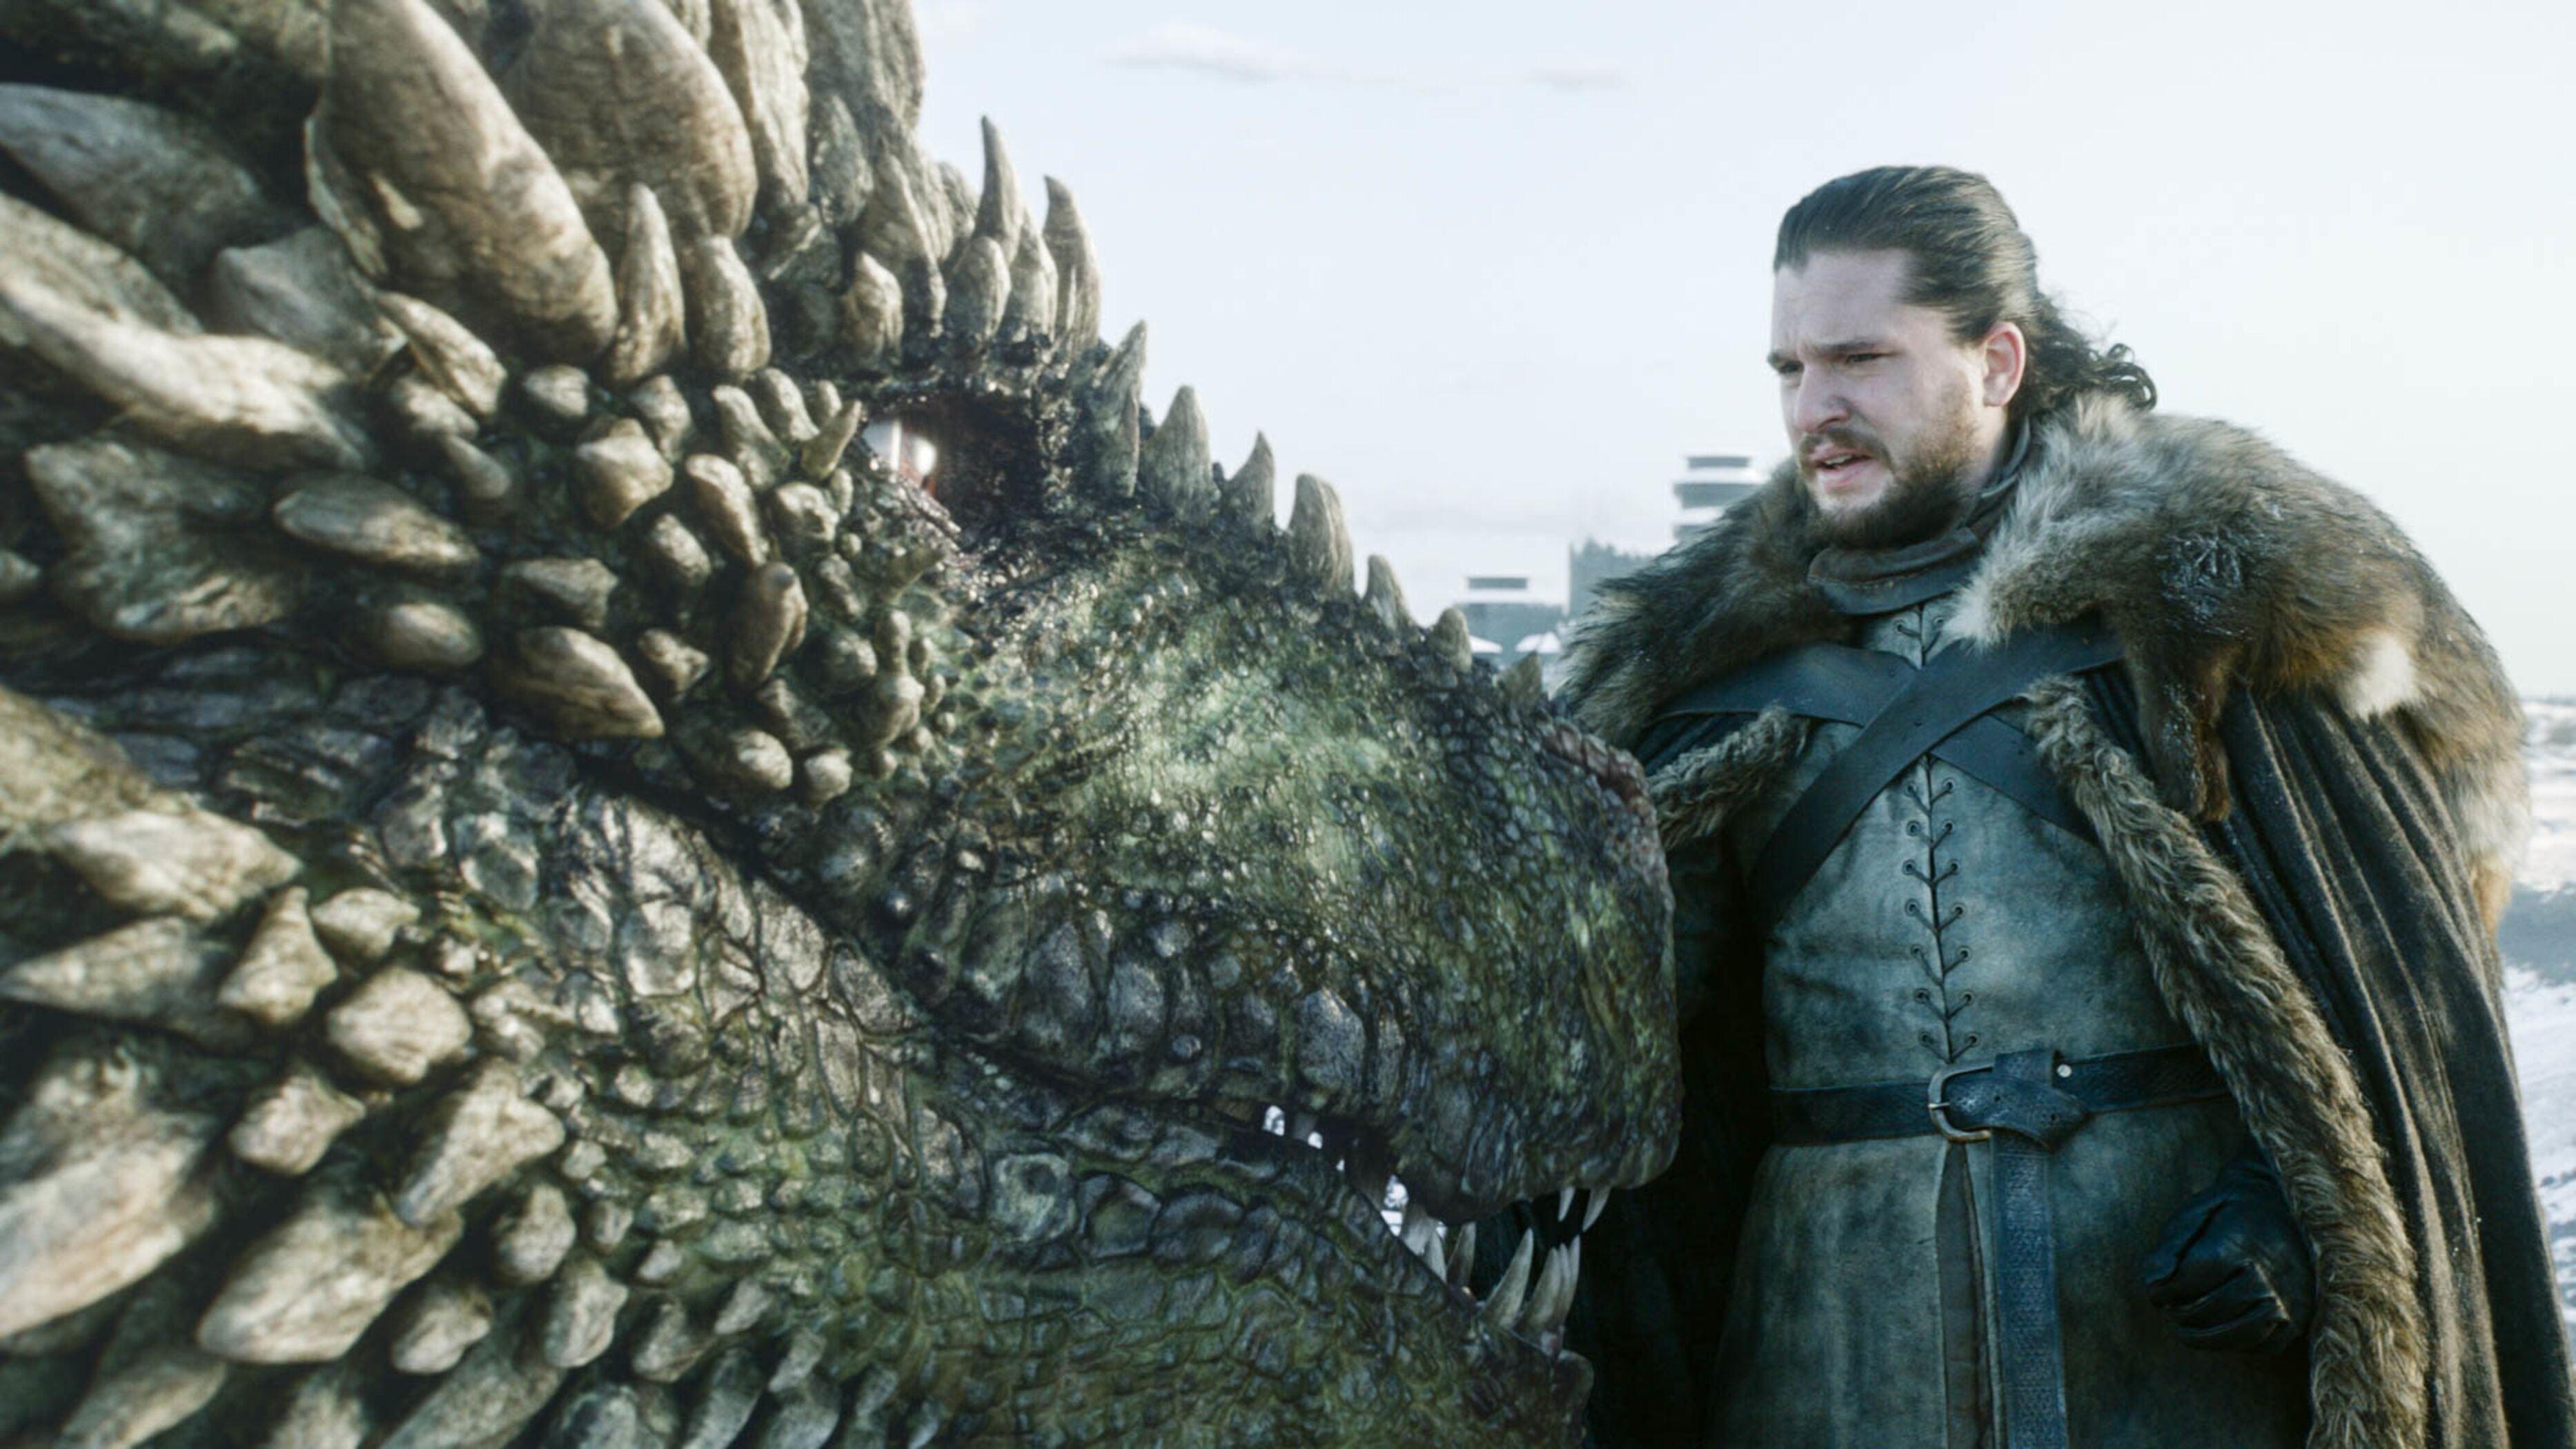 Jon Snow pets a dragon.